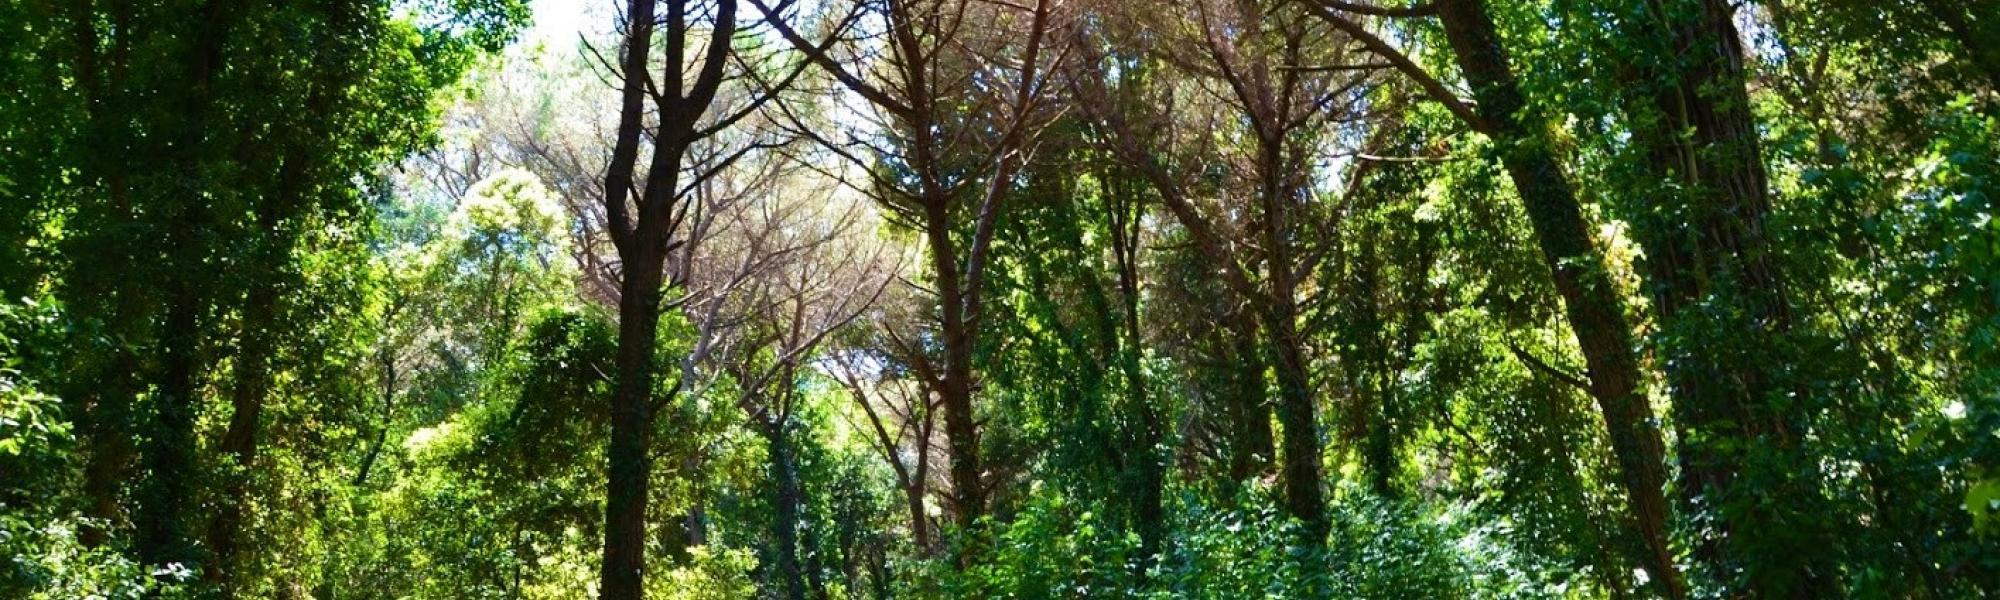 Interno pineta-bosco (L. Corevi, Comune di Pisa)